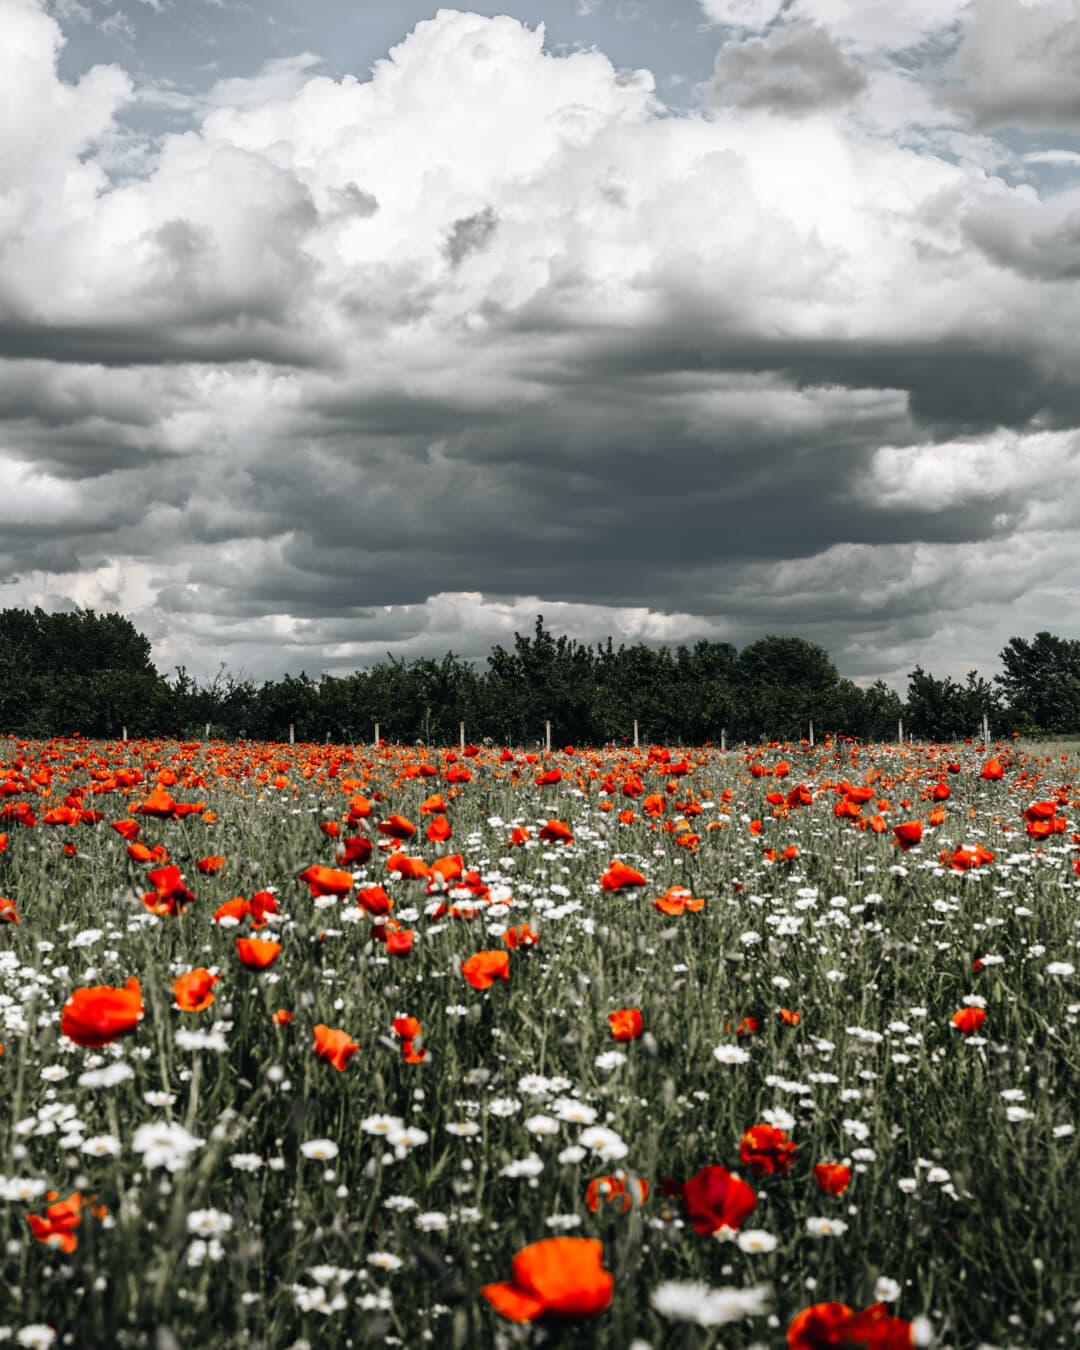 pavot à opium, idyllique, les terres agricoles, Agriculture, printemps, fleur, coquelicot, domaine, fleurs, plante